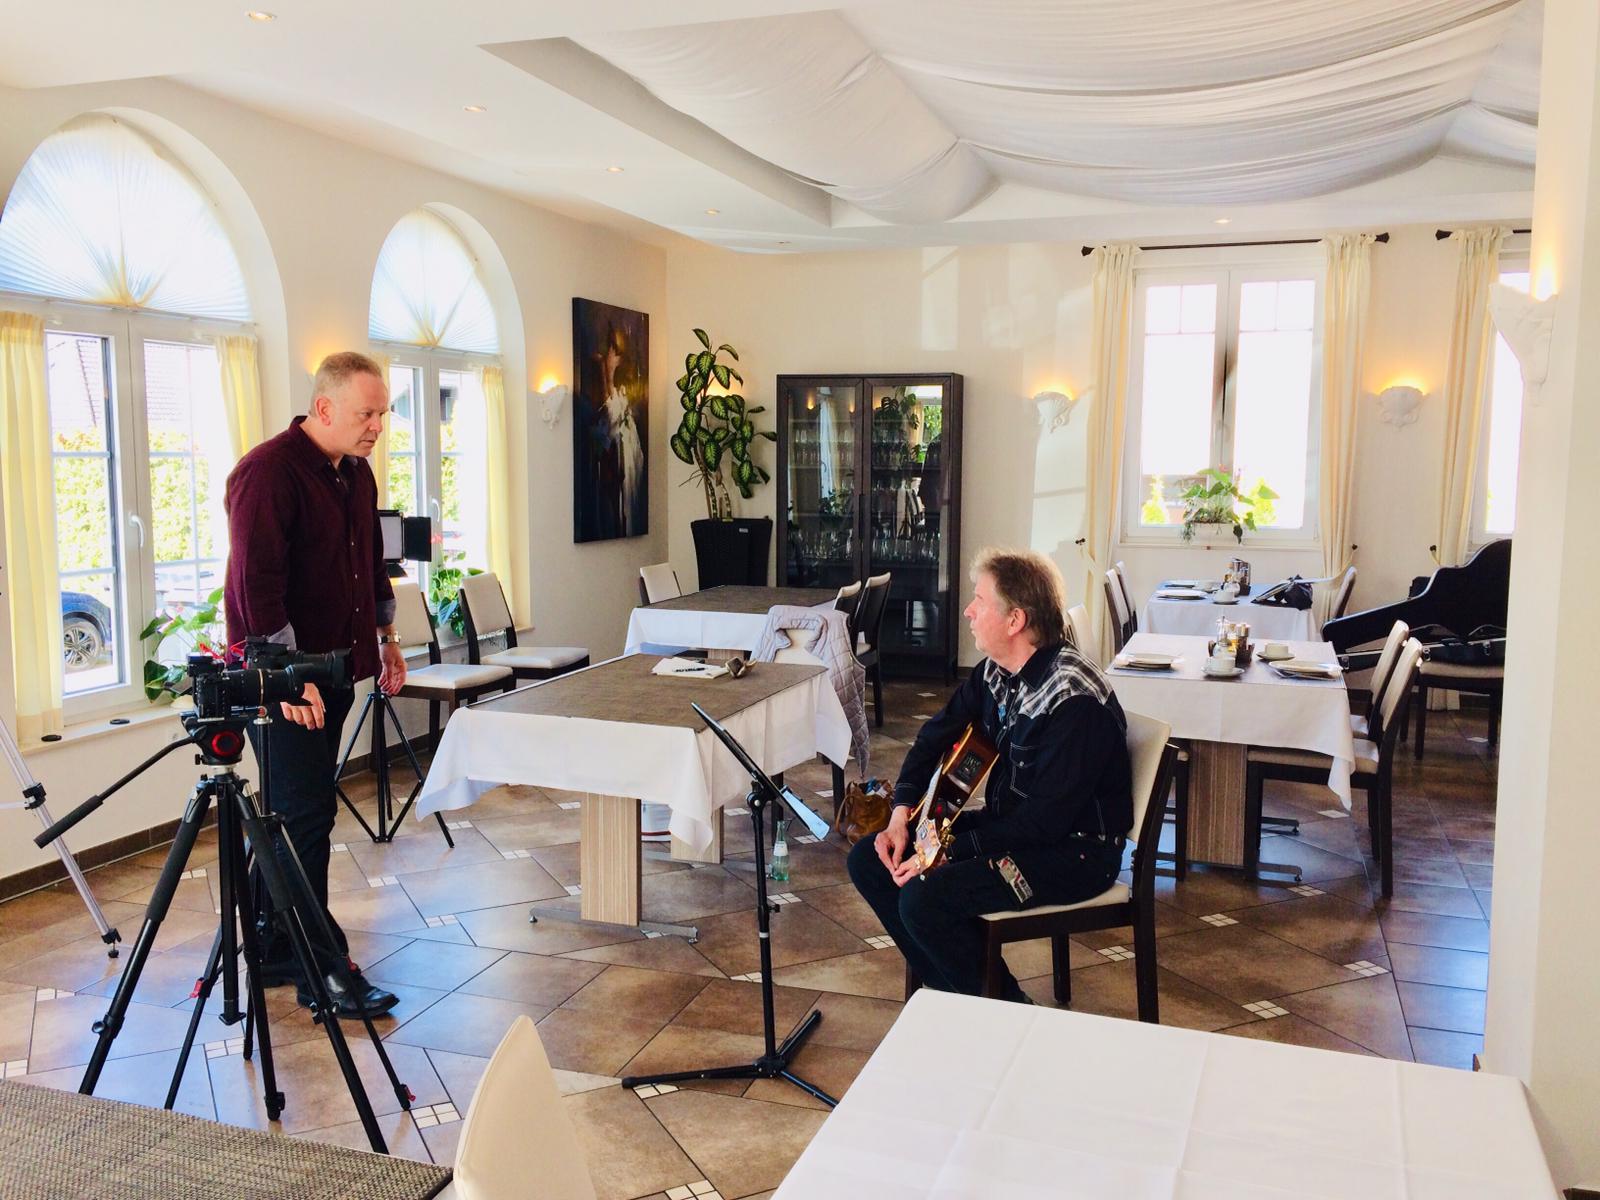 Singer/Songwriter Marcel Schaar stimmt sich auf seiner Gitarre ein und mit Toningenieur Björn Kempcke auf die Technik